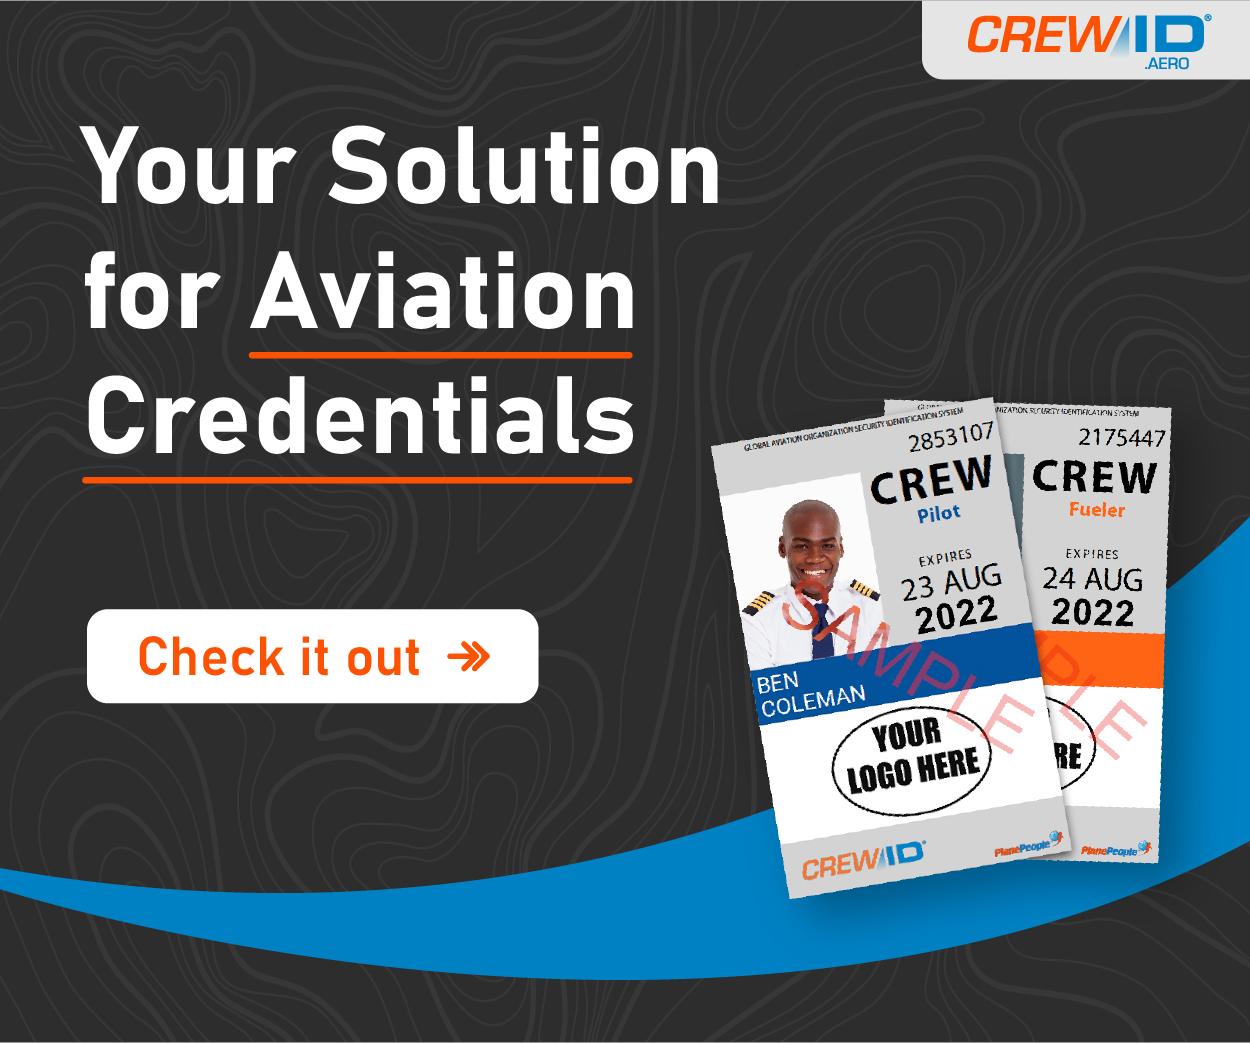 20210623_CrewID_300 x 250_wLogo_Solution